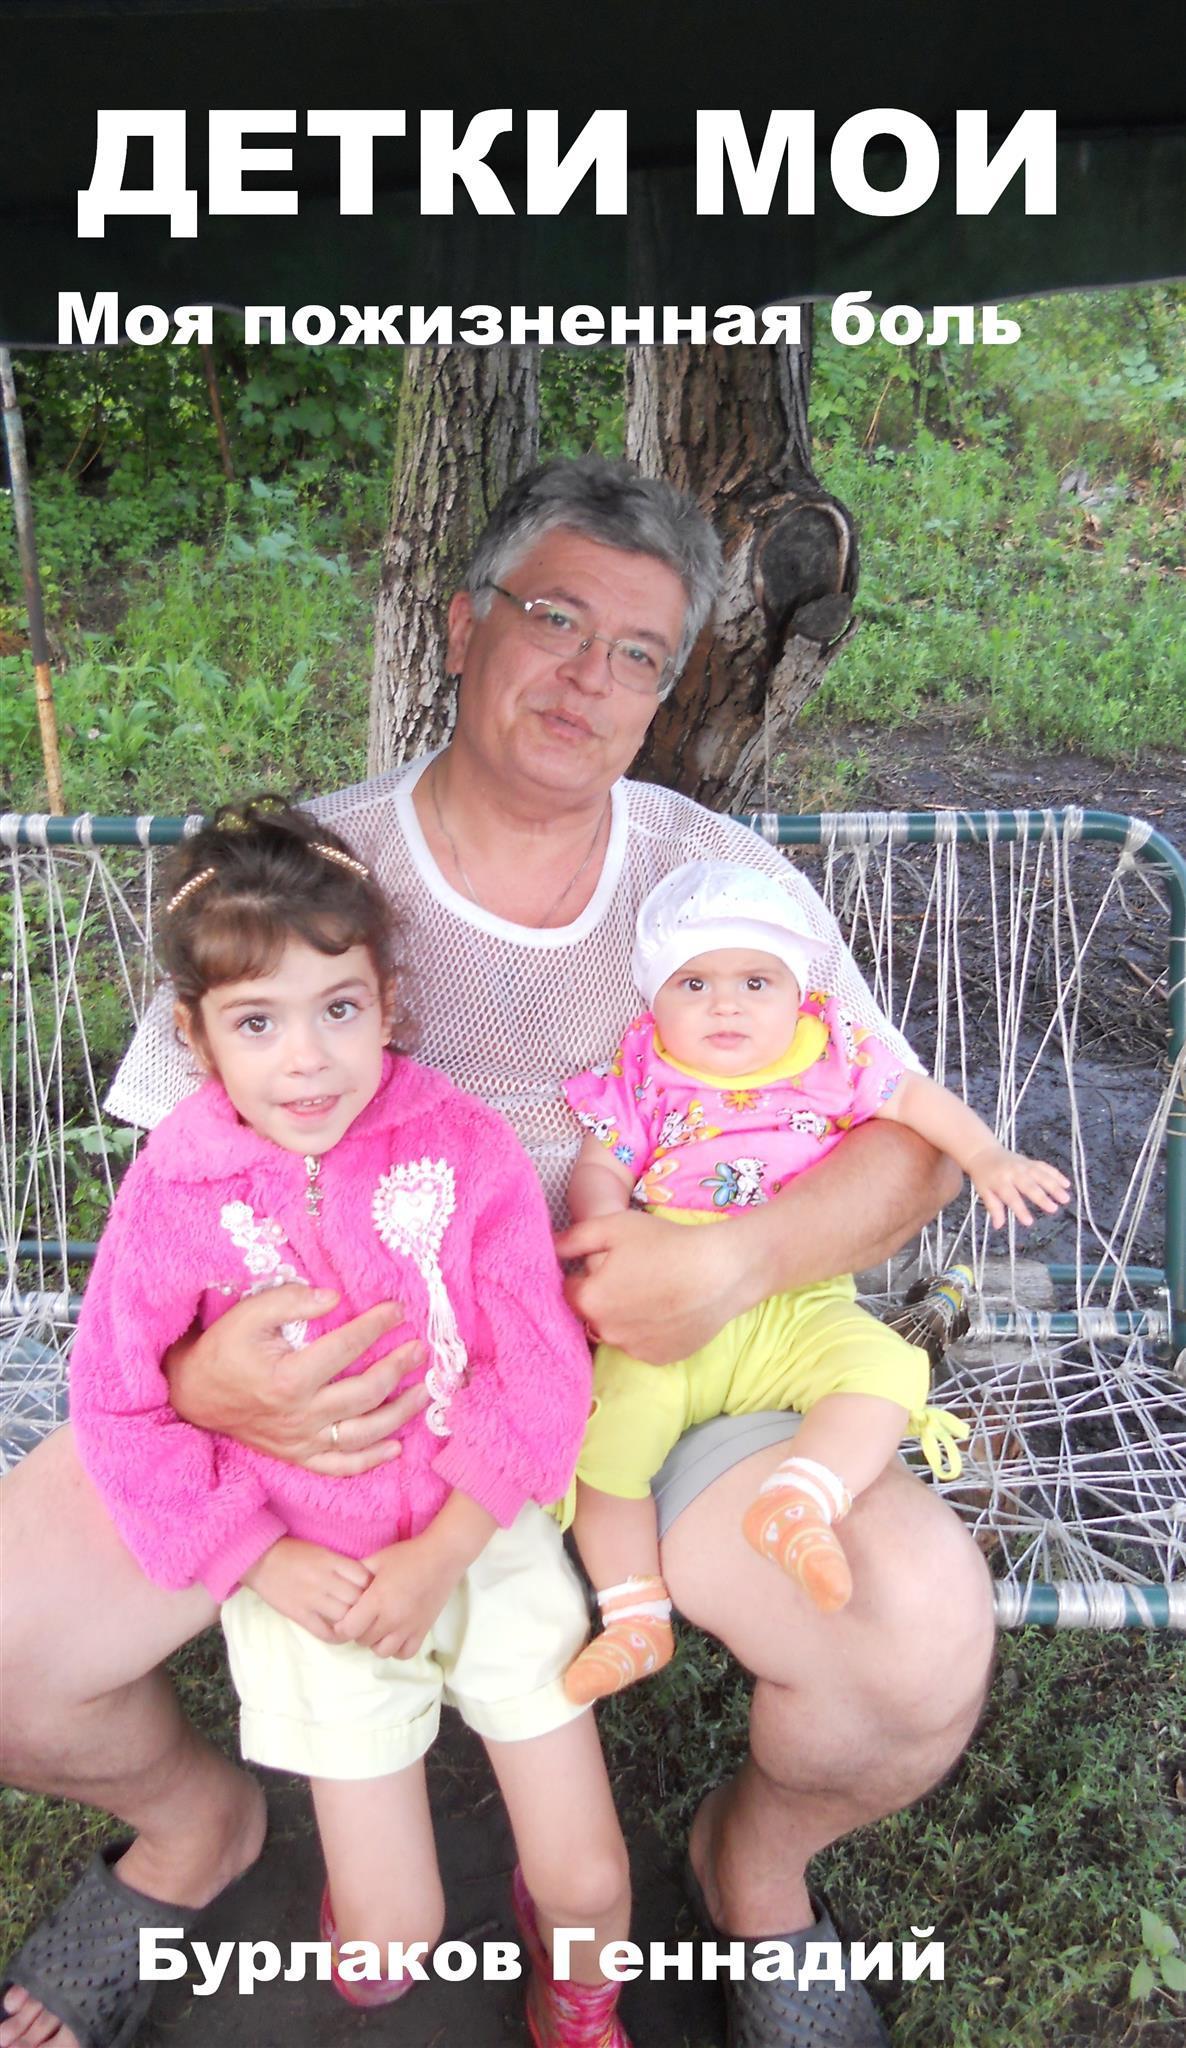 Геннадий Анатольевич Бурлаков Детки мои геннадий анатольевич бурлаков дочки мои моя пожизненнаяболь